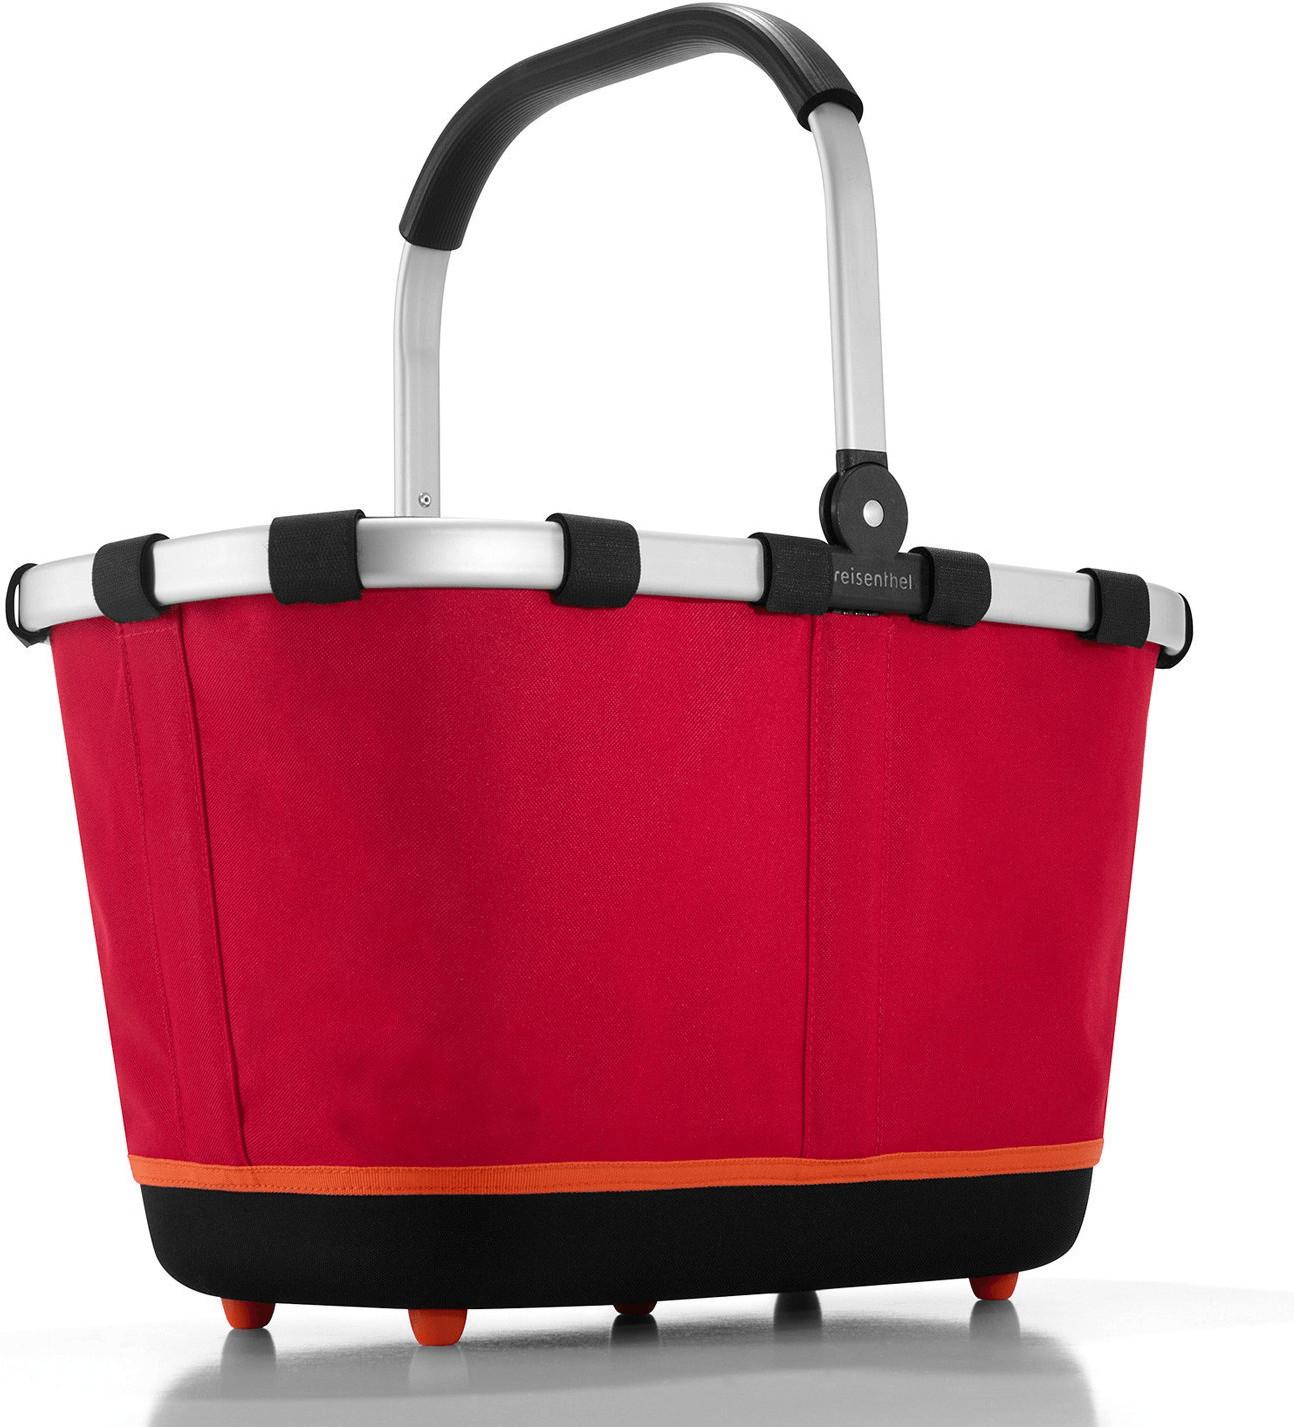 Reisenthel Carrybag2 red